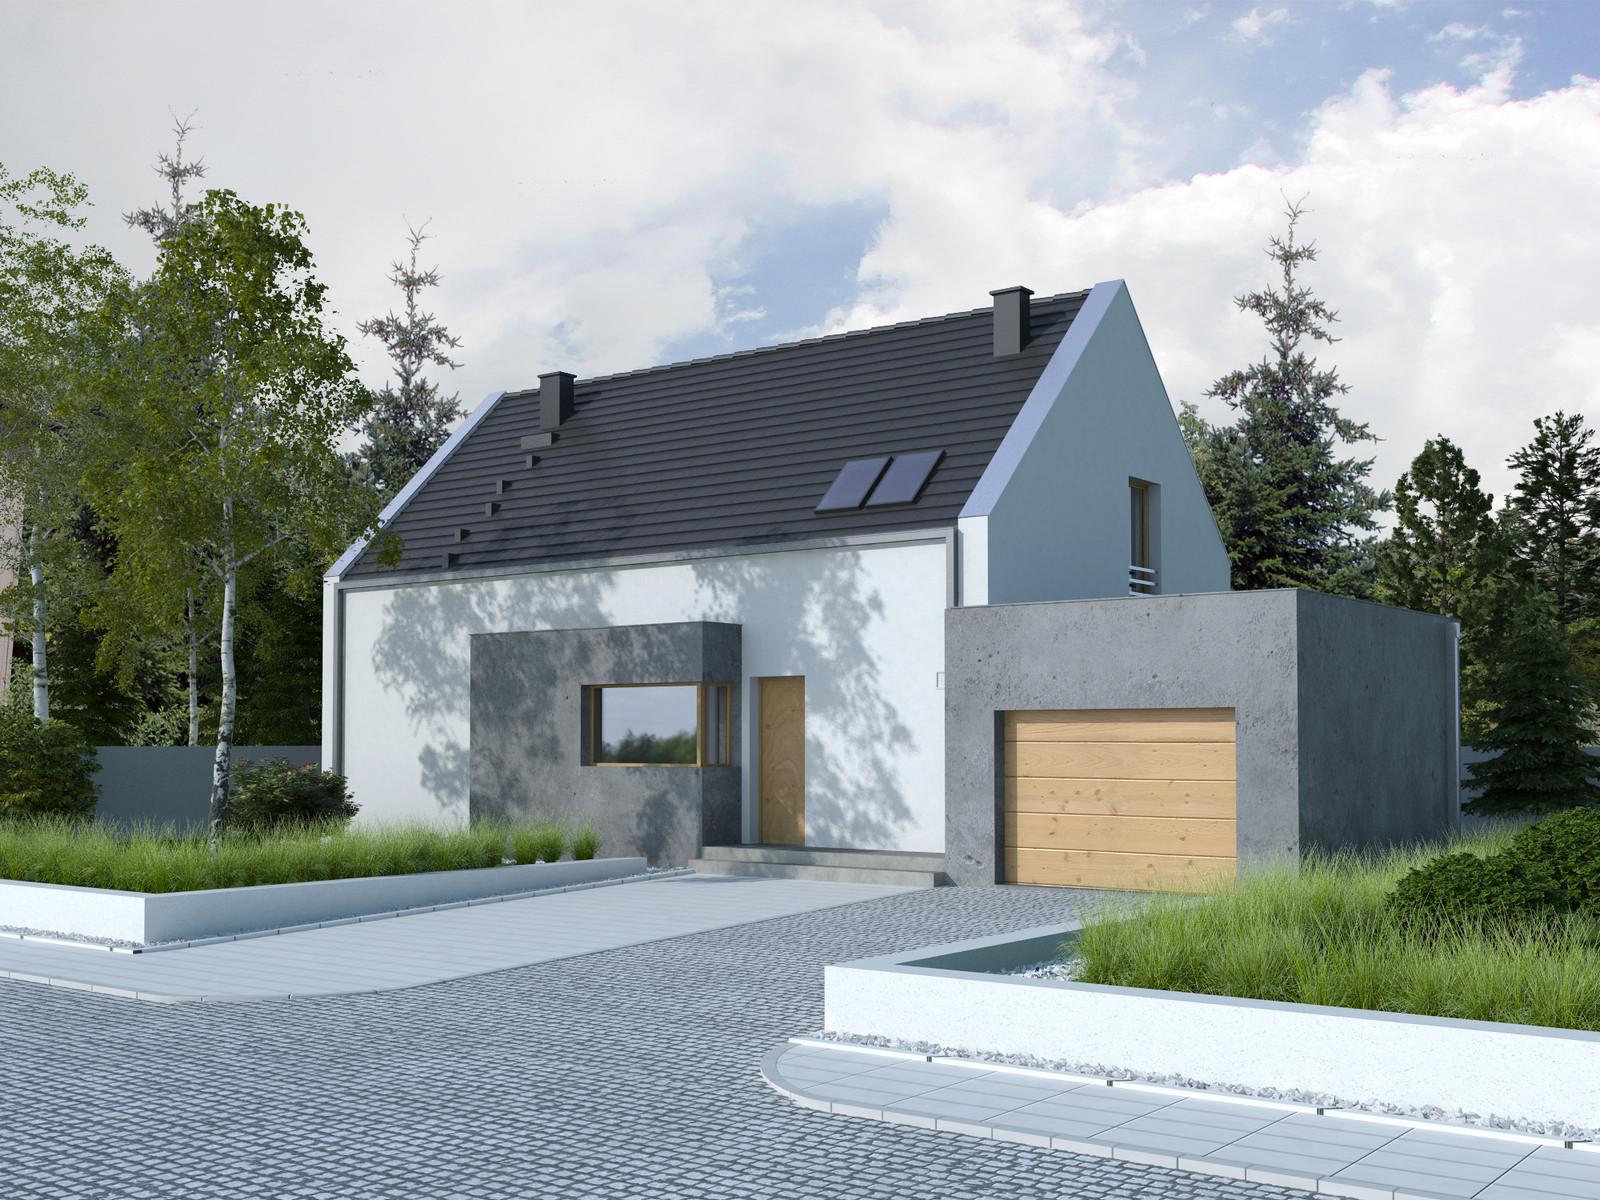 Projekt domu Z WNĘKĄ Domy Czystej Energii widok od frontu